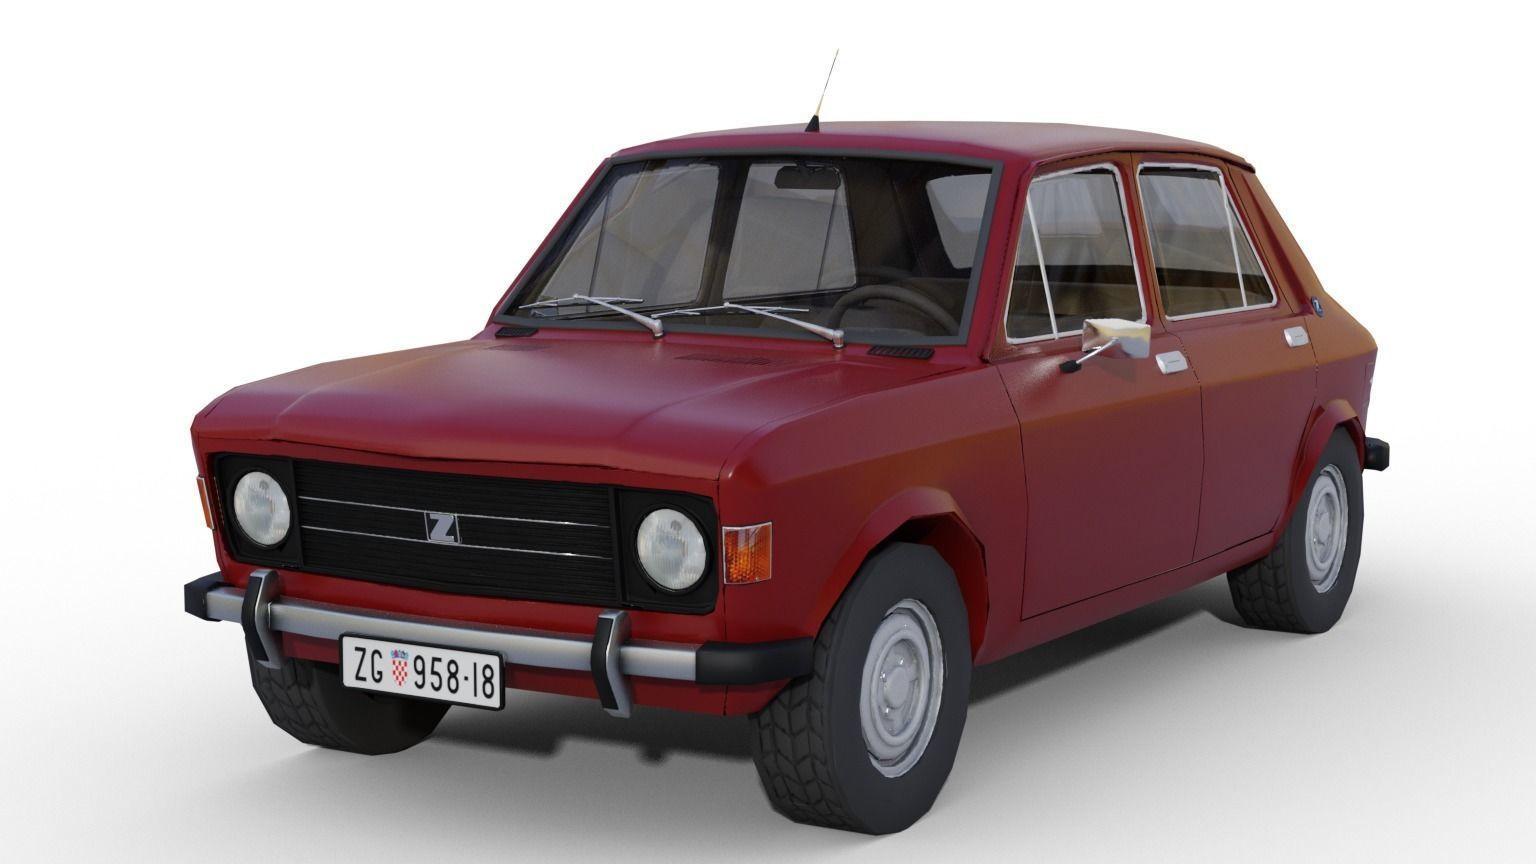 zastava 101 red car low poly 3d model obj mtl fbx stl blend dae 1